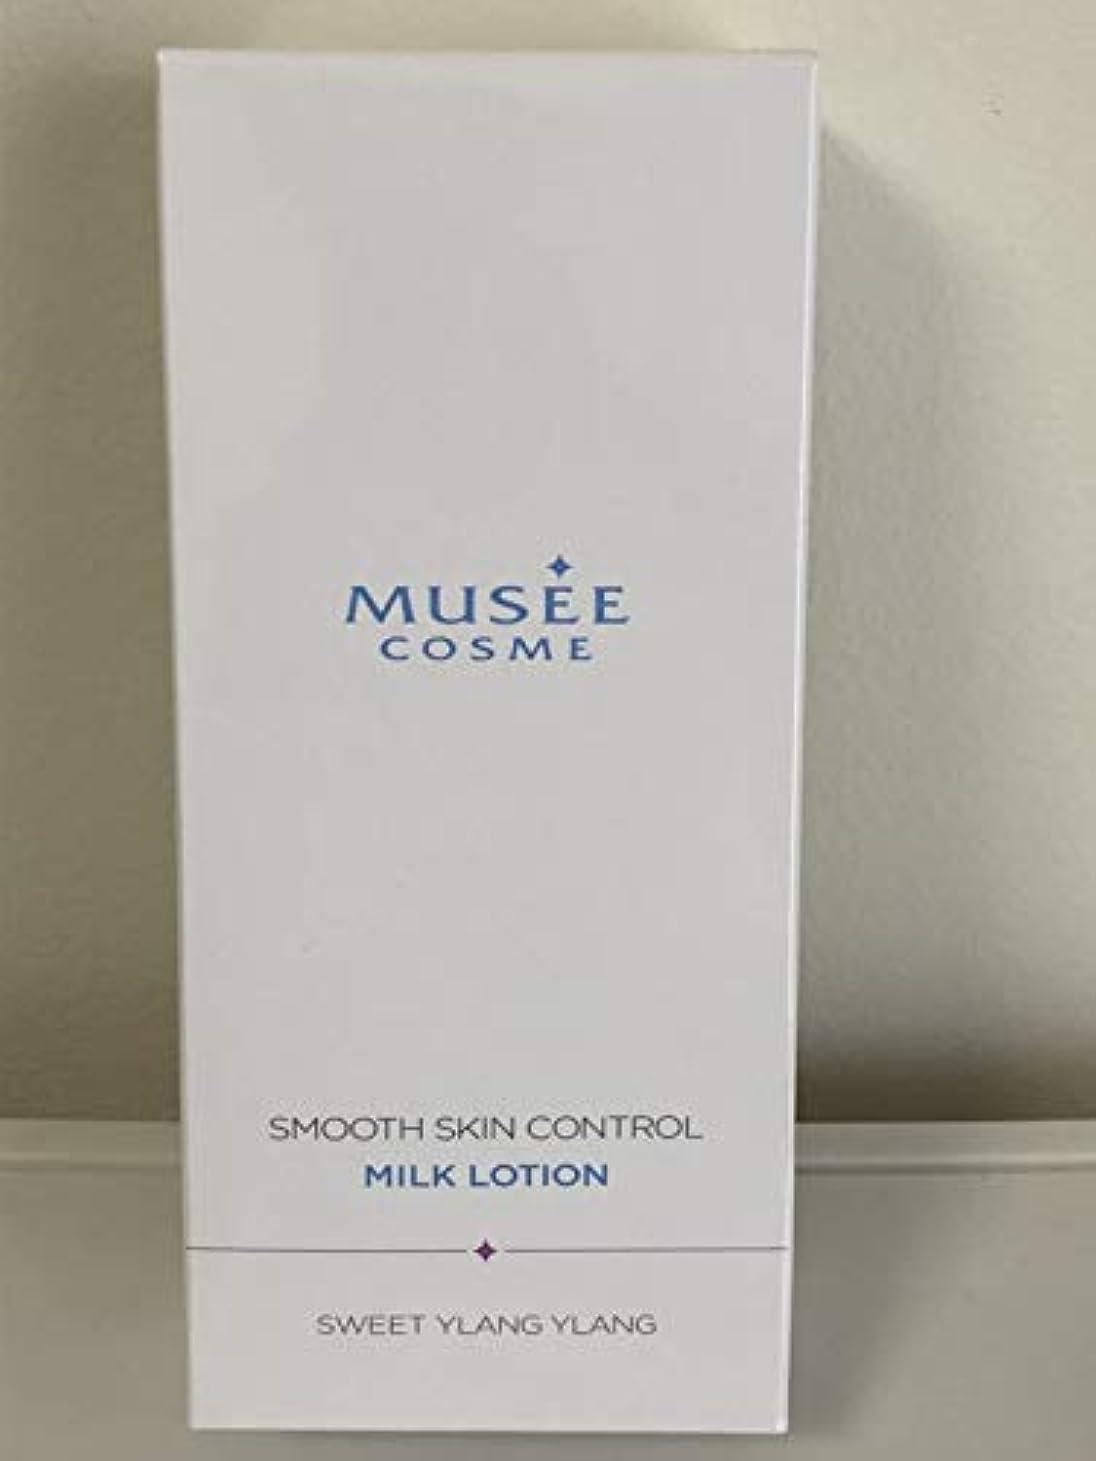 父方の協定人気のミュゼコスメ 薬用スムーススキンコントロール ミルクローション 300mL スイートイランイランの香り